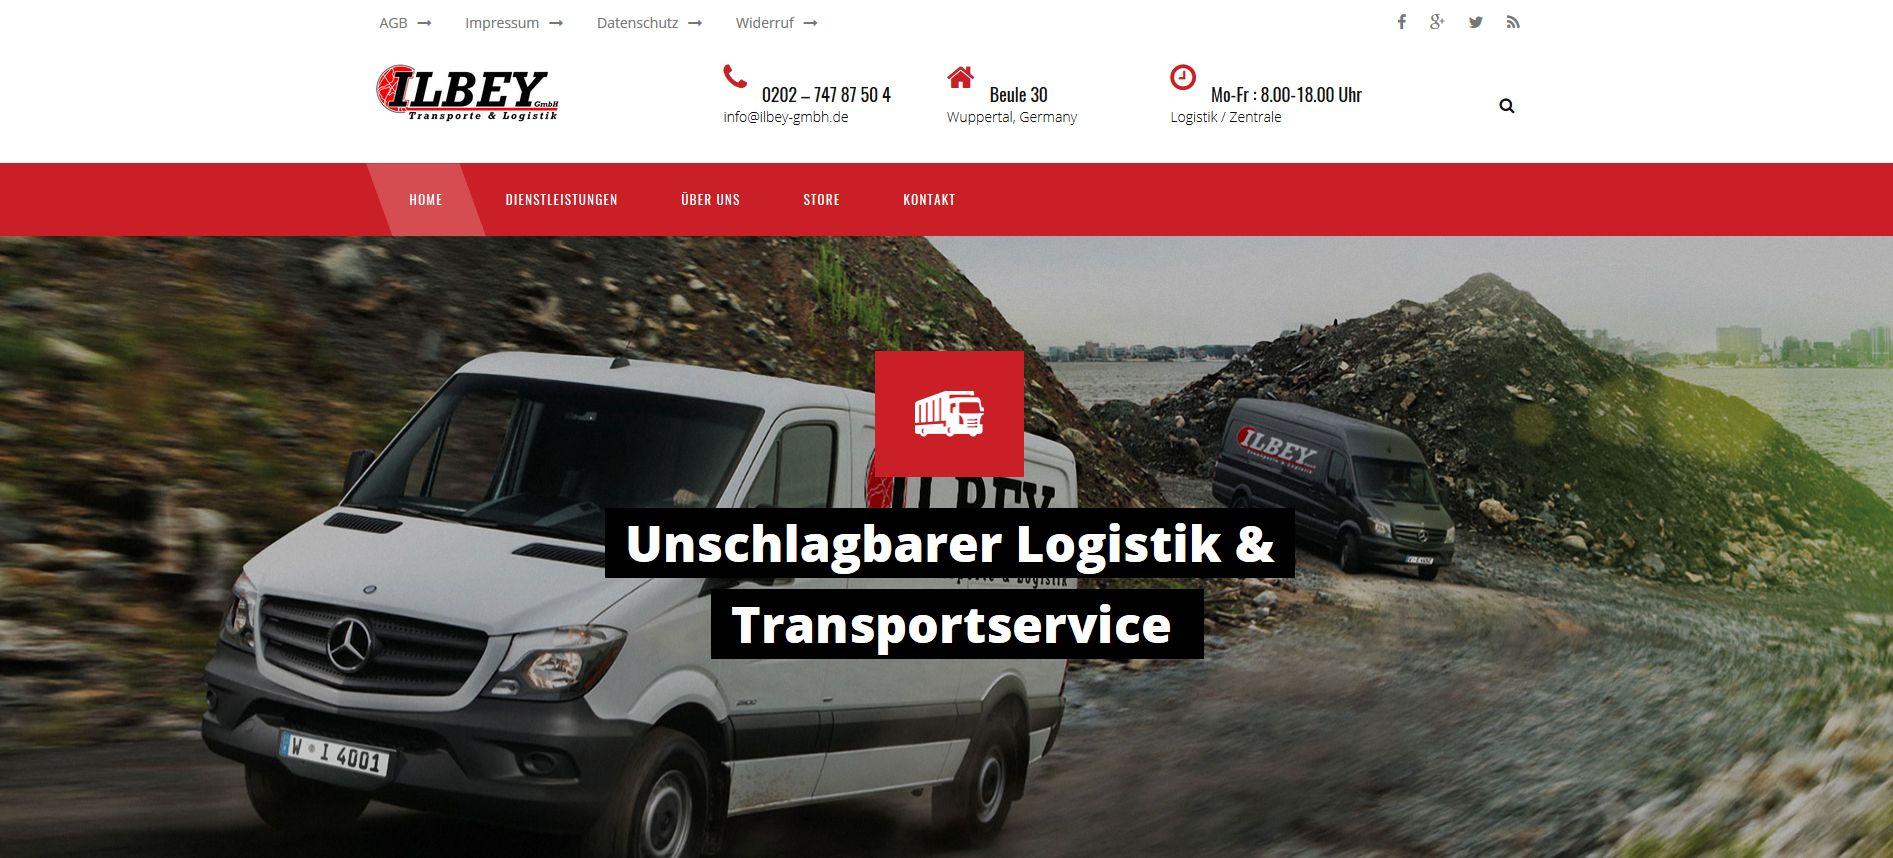 Ilbey GmbH, Wuppertal